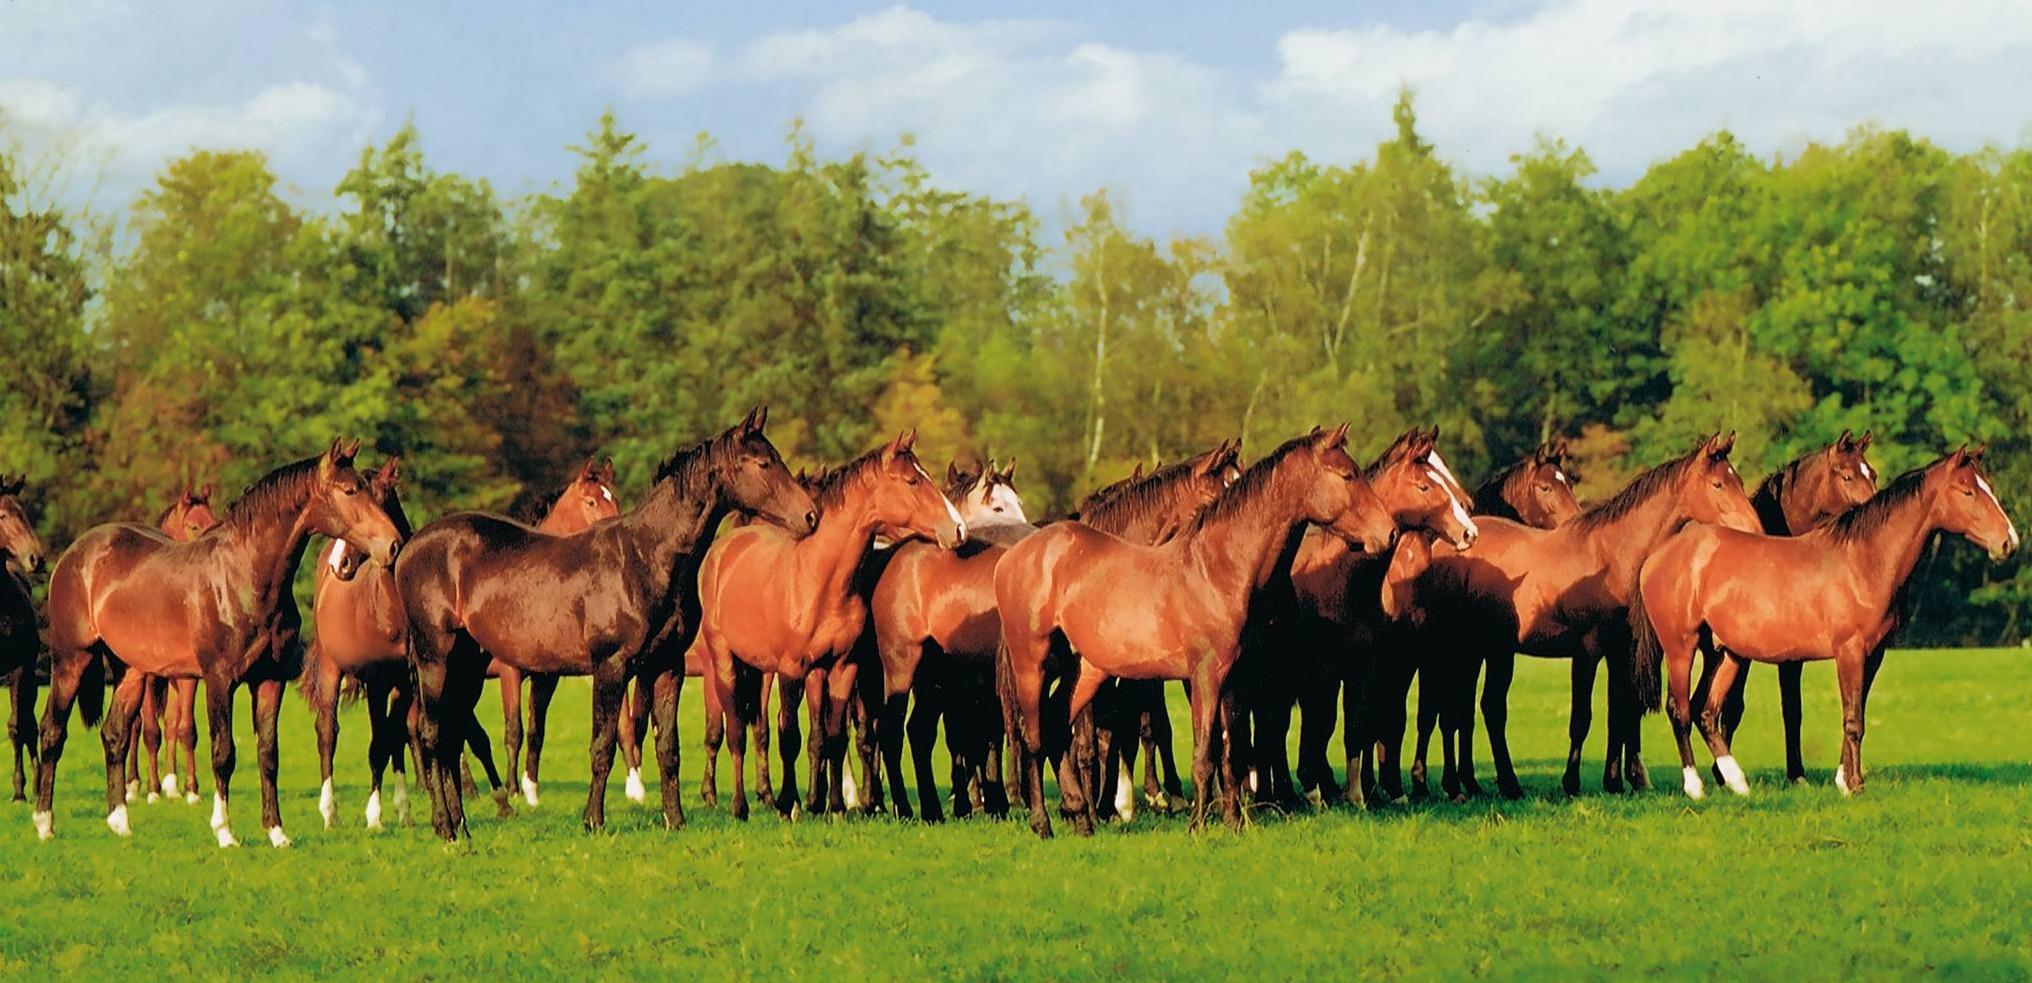 Evert Brooijmans paarden paardenkudde kudde